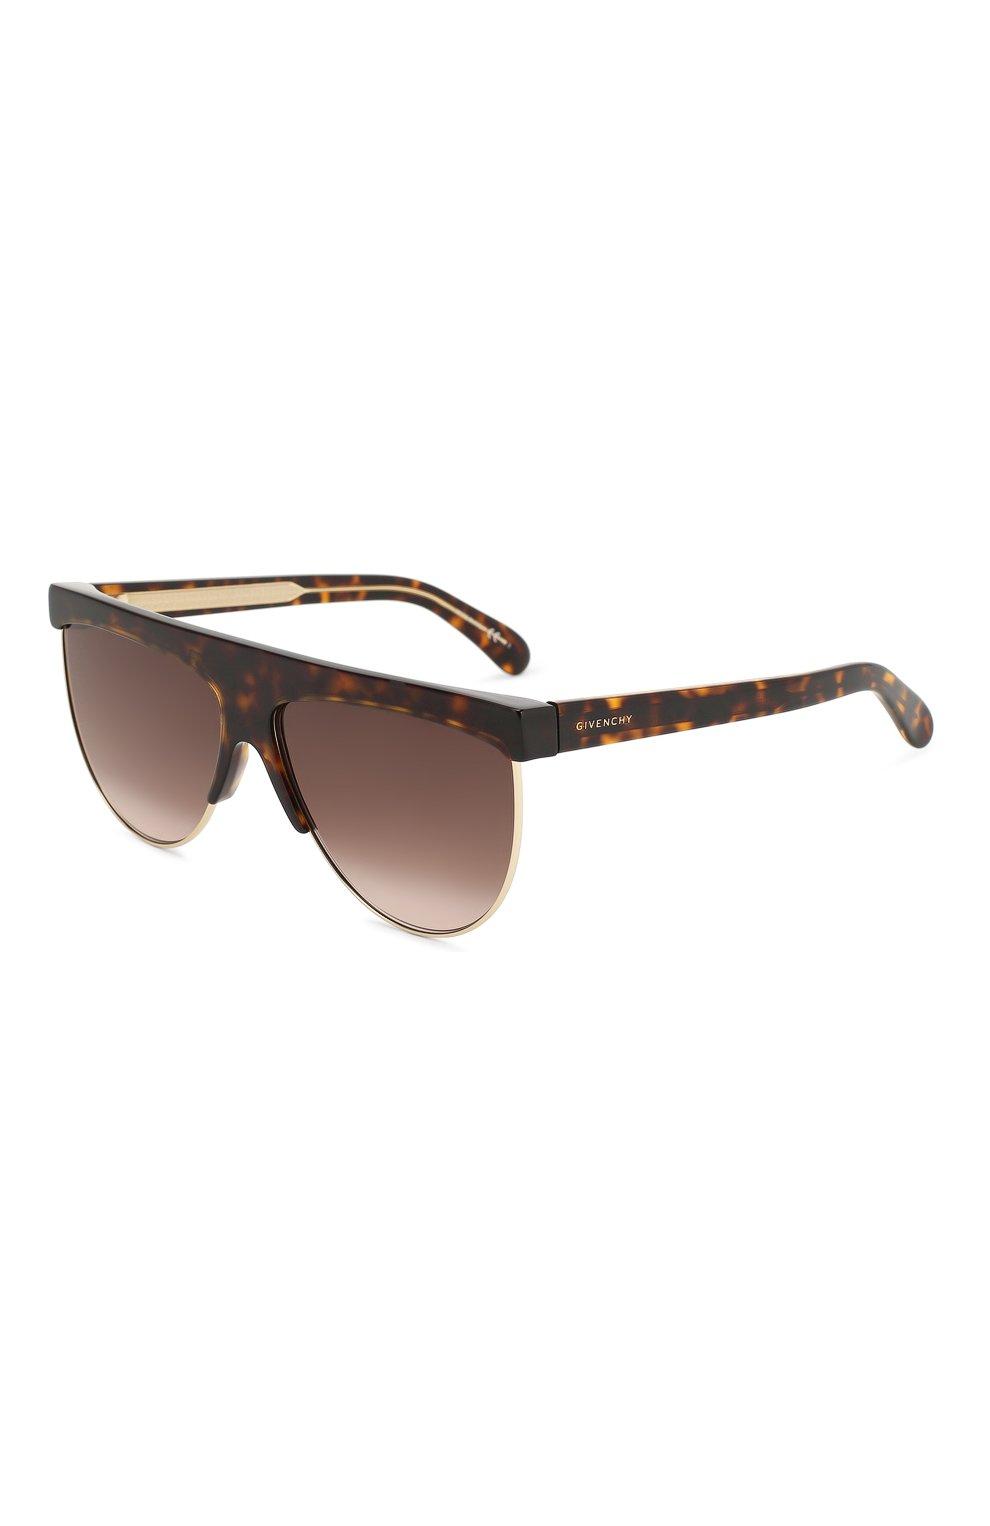 Женские солнцезащитные очки GIVENCHY коричневого цвета, арт. 7118/G 086 | Фото 1